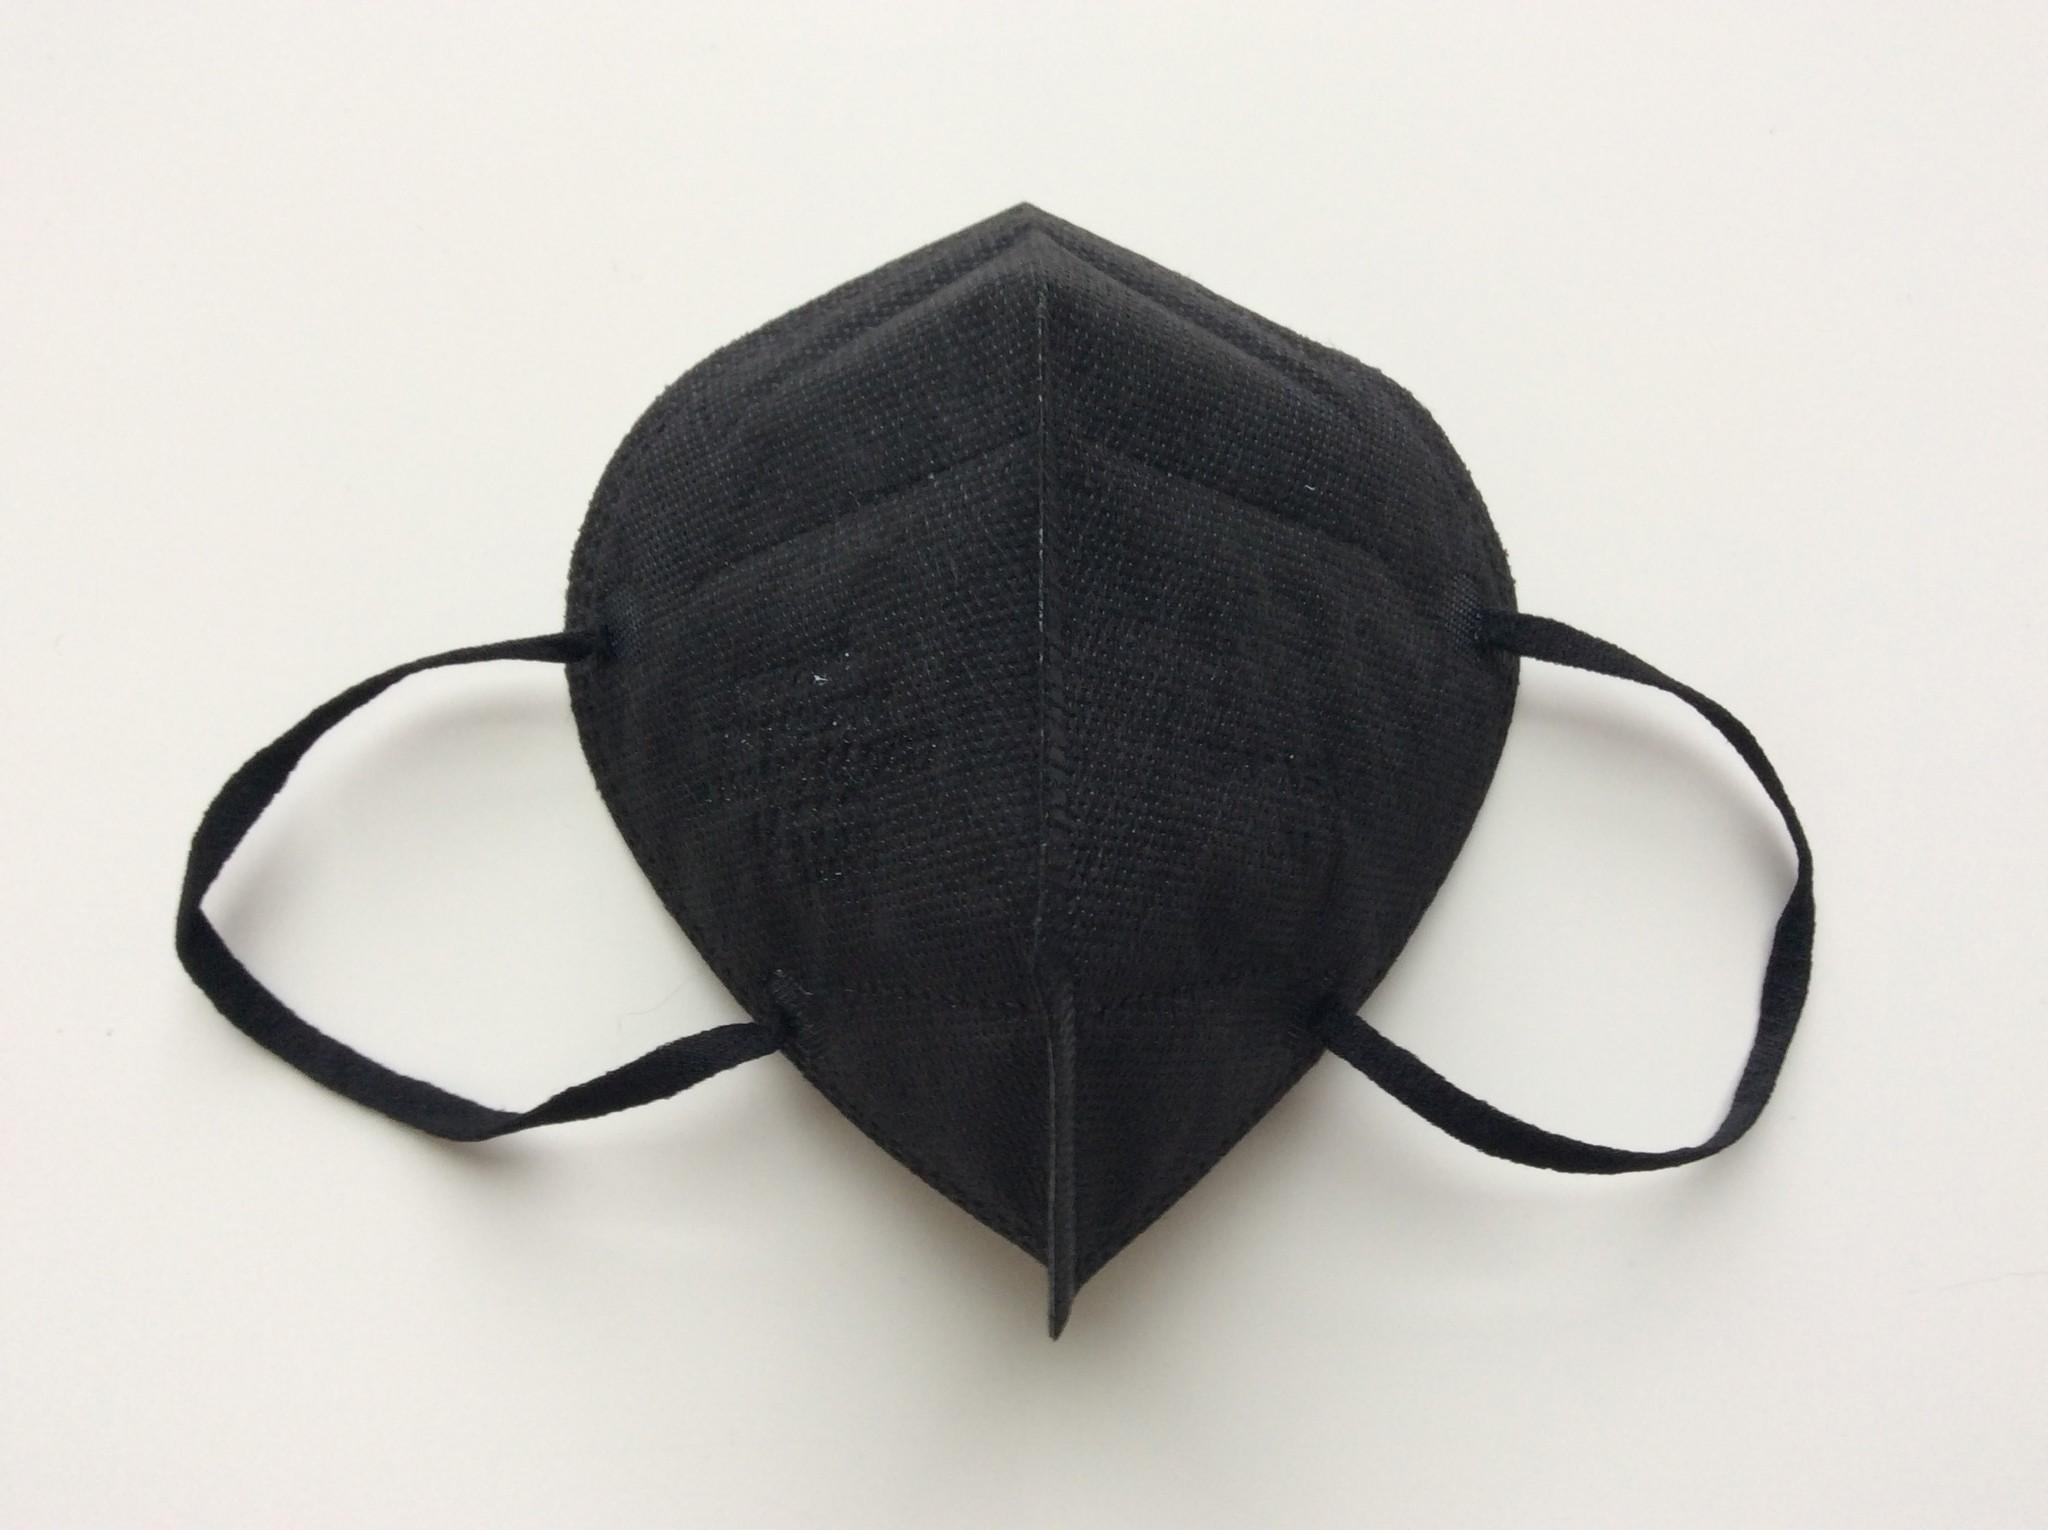 """IG-mask Masque IG """"FFP2"""" - Couleur Noir- 20 pièces (2,49 par pièce)"""